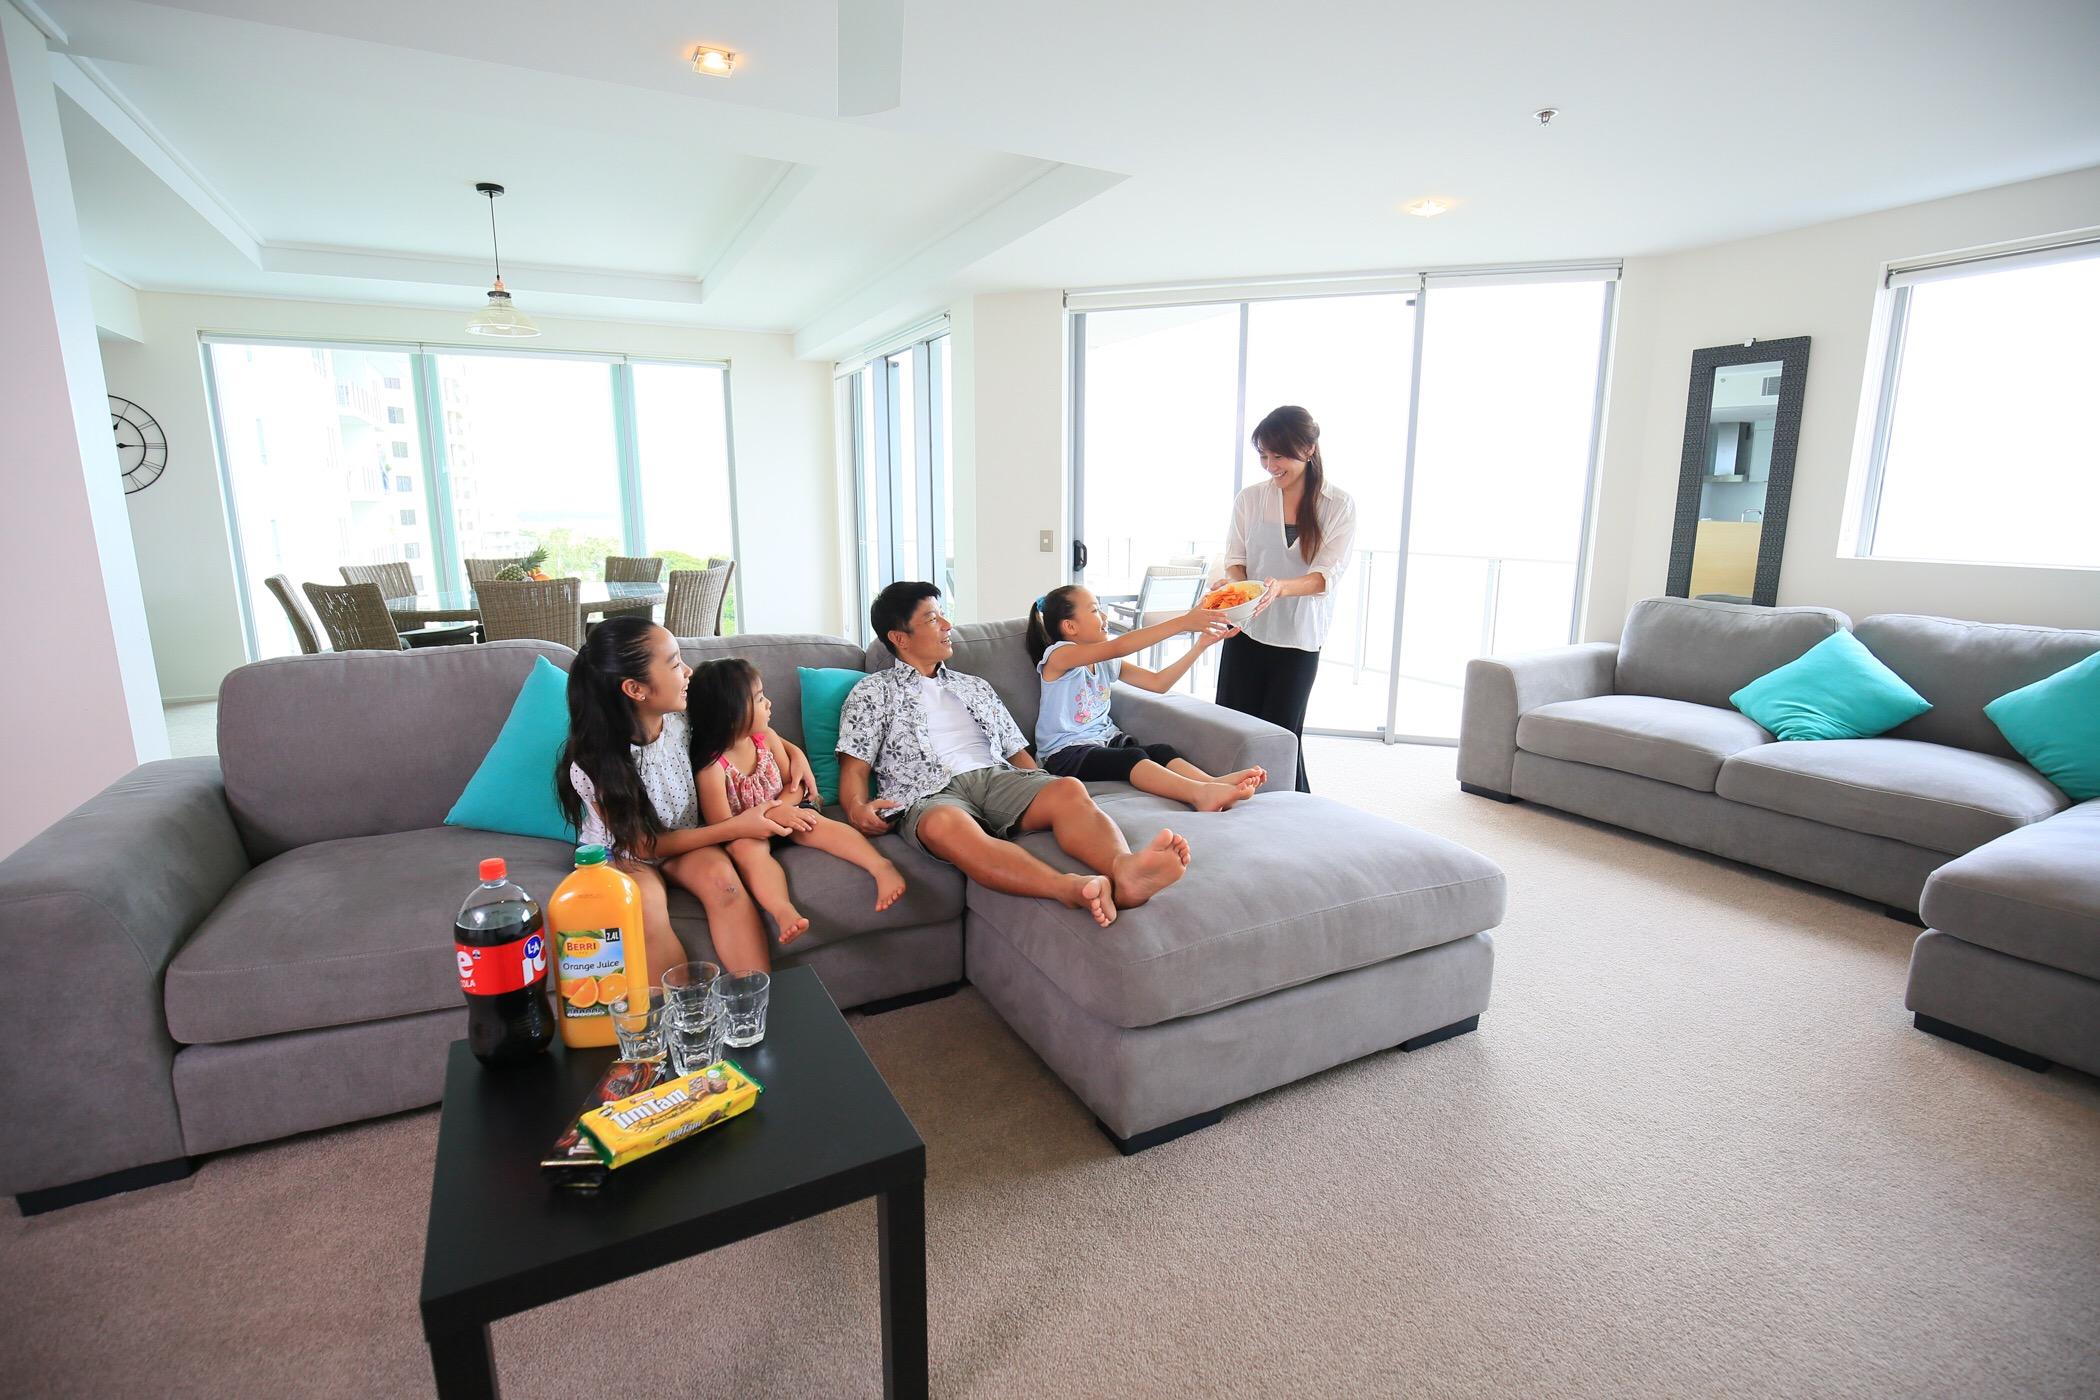 <p>お部屋には家族全員が座れる大きなソファーやダイニングテーブルが設置されていて寛げるスペースがいっぱい。</p>